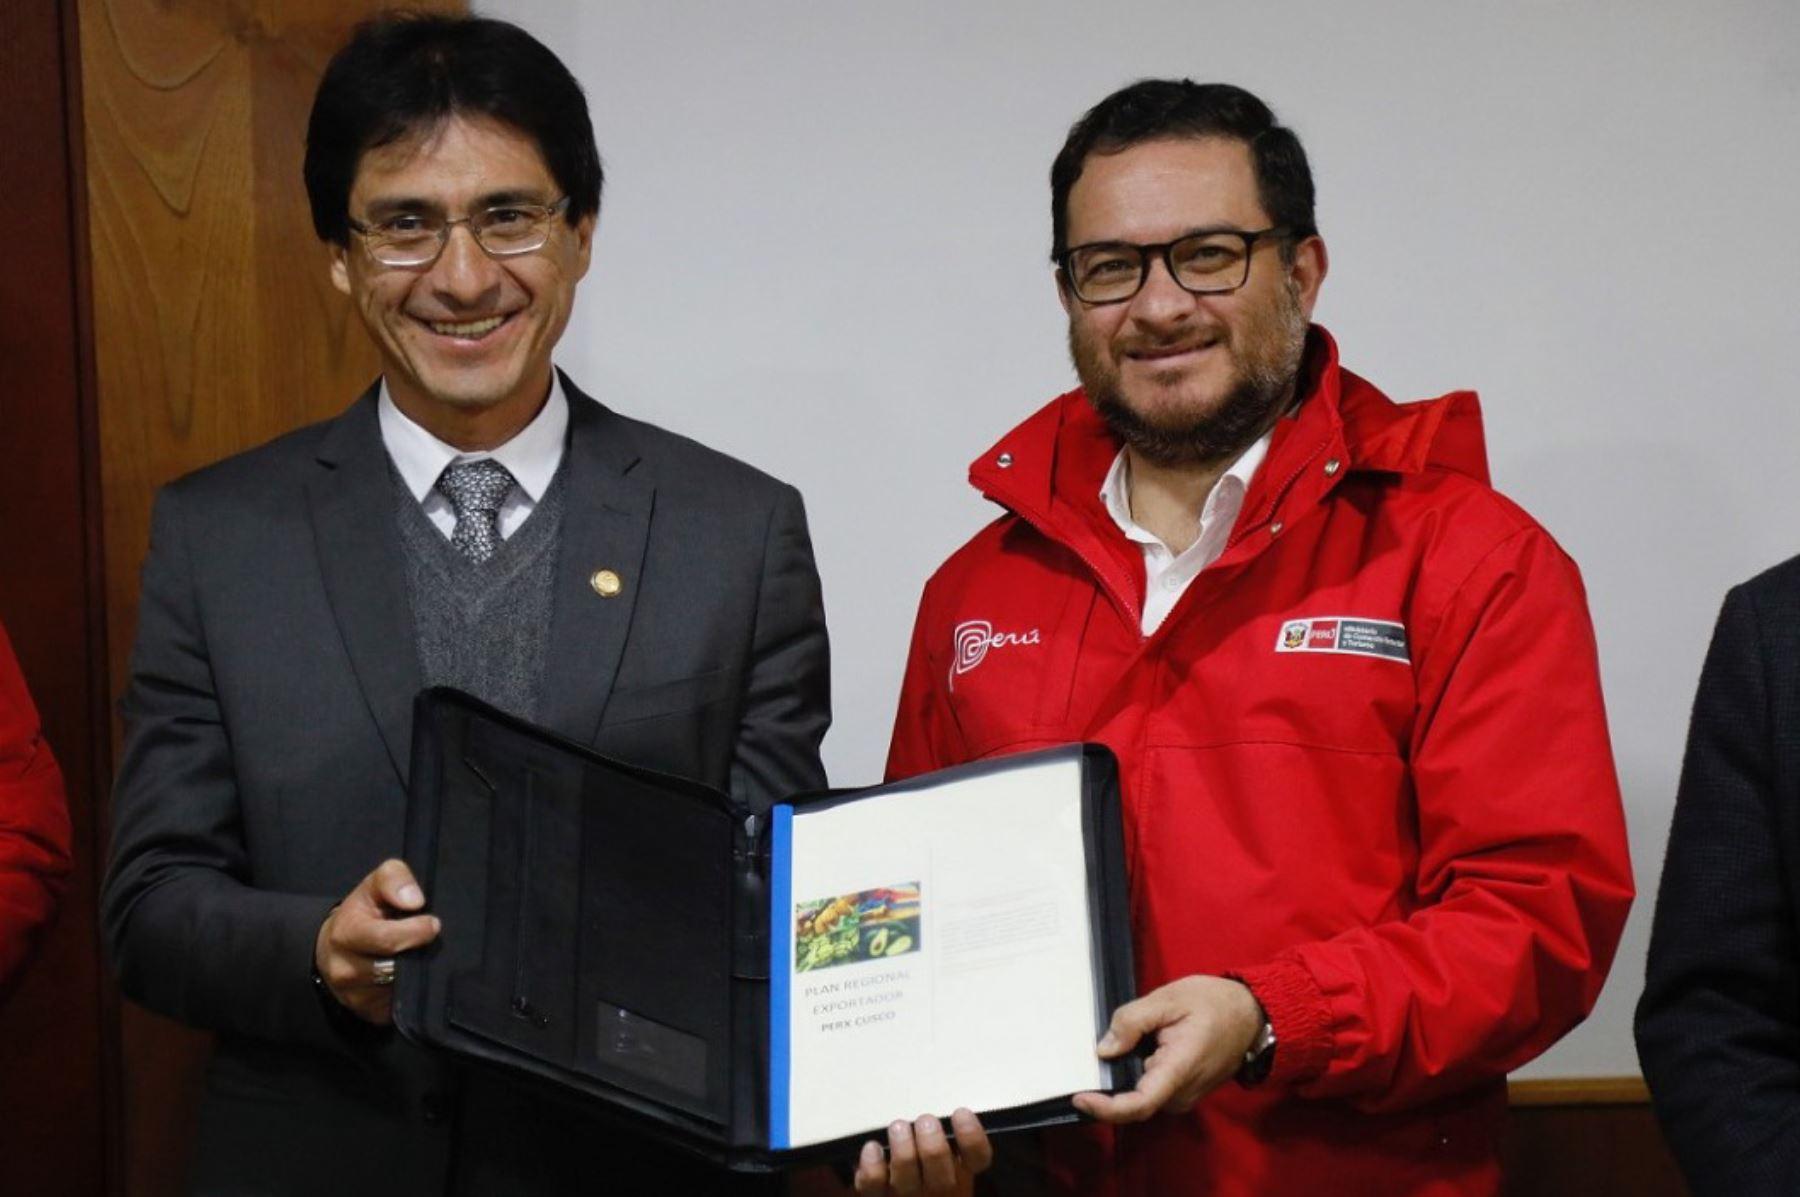 Ministro de Comercio Exterior y Turismo, Edgar Vásquez; y gobernador regional de Cusco, Jean Benavente, presentan Plan Regional Exportador (PERX) Cusco. ANDINA/Difusión